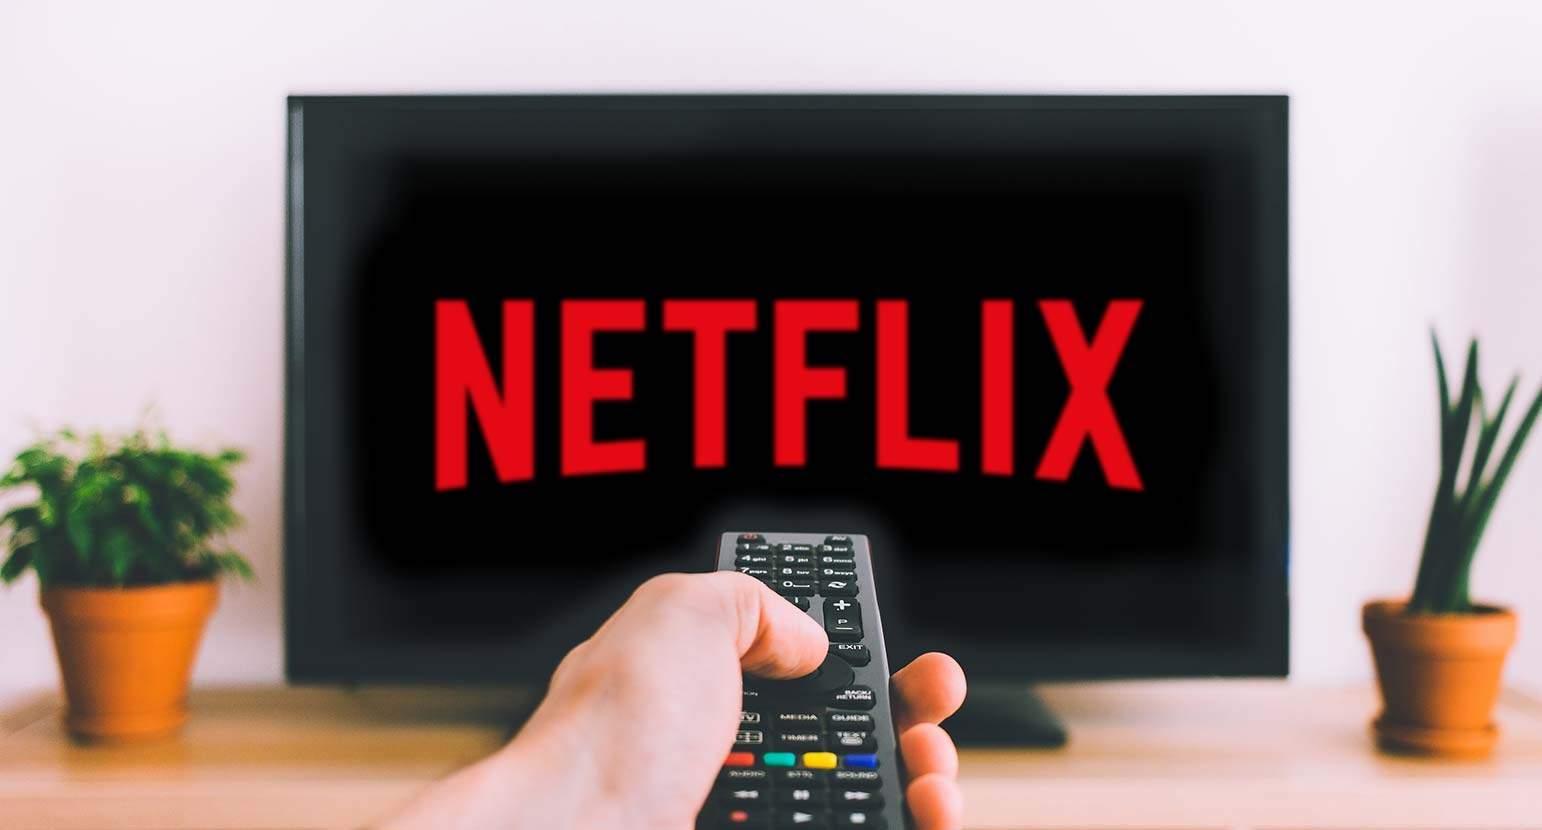 Netflix та інші послуги іноземних компаній можуть подоржчати